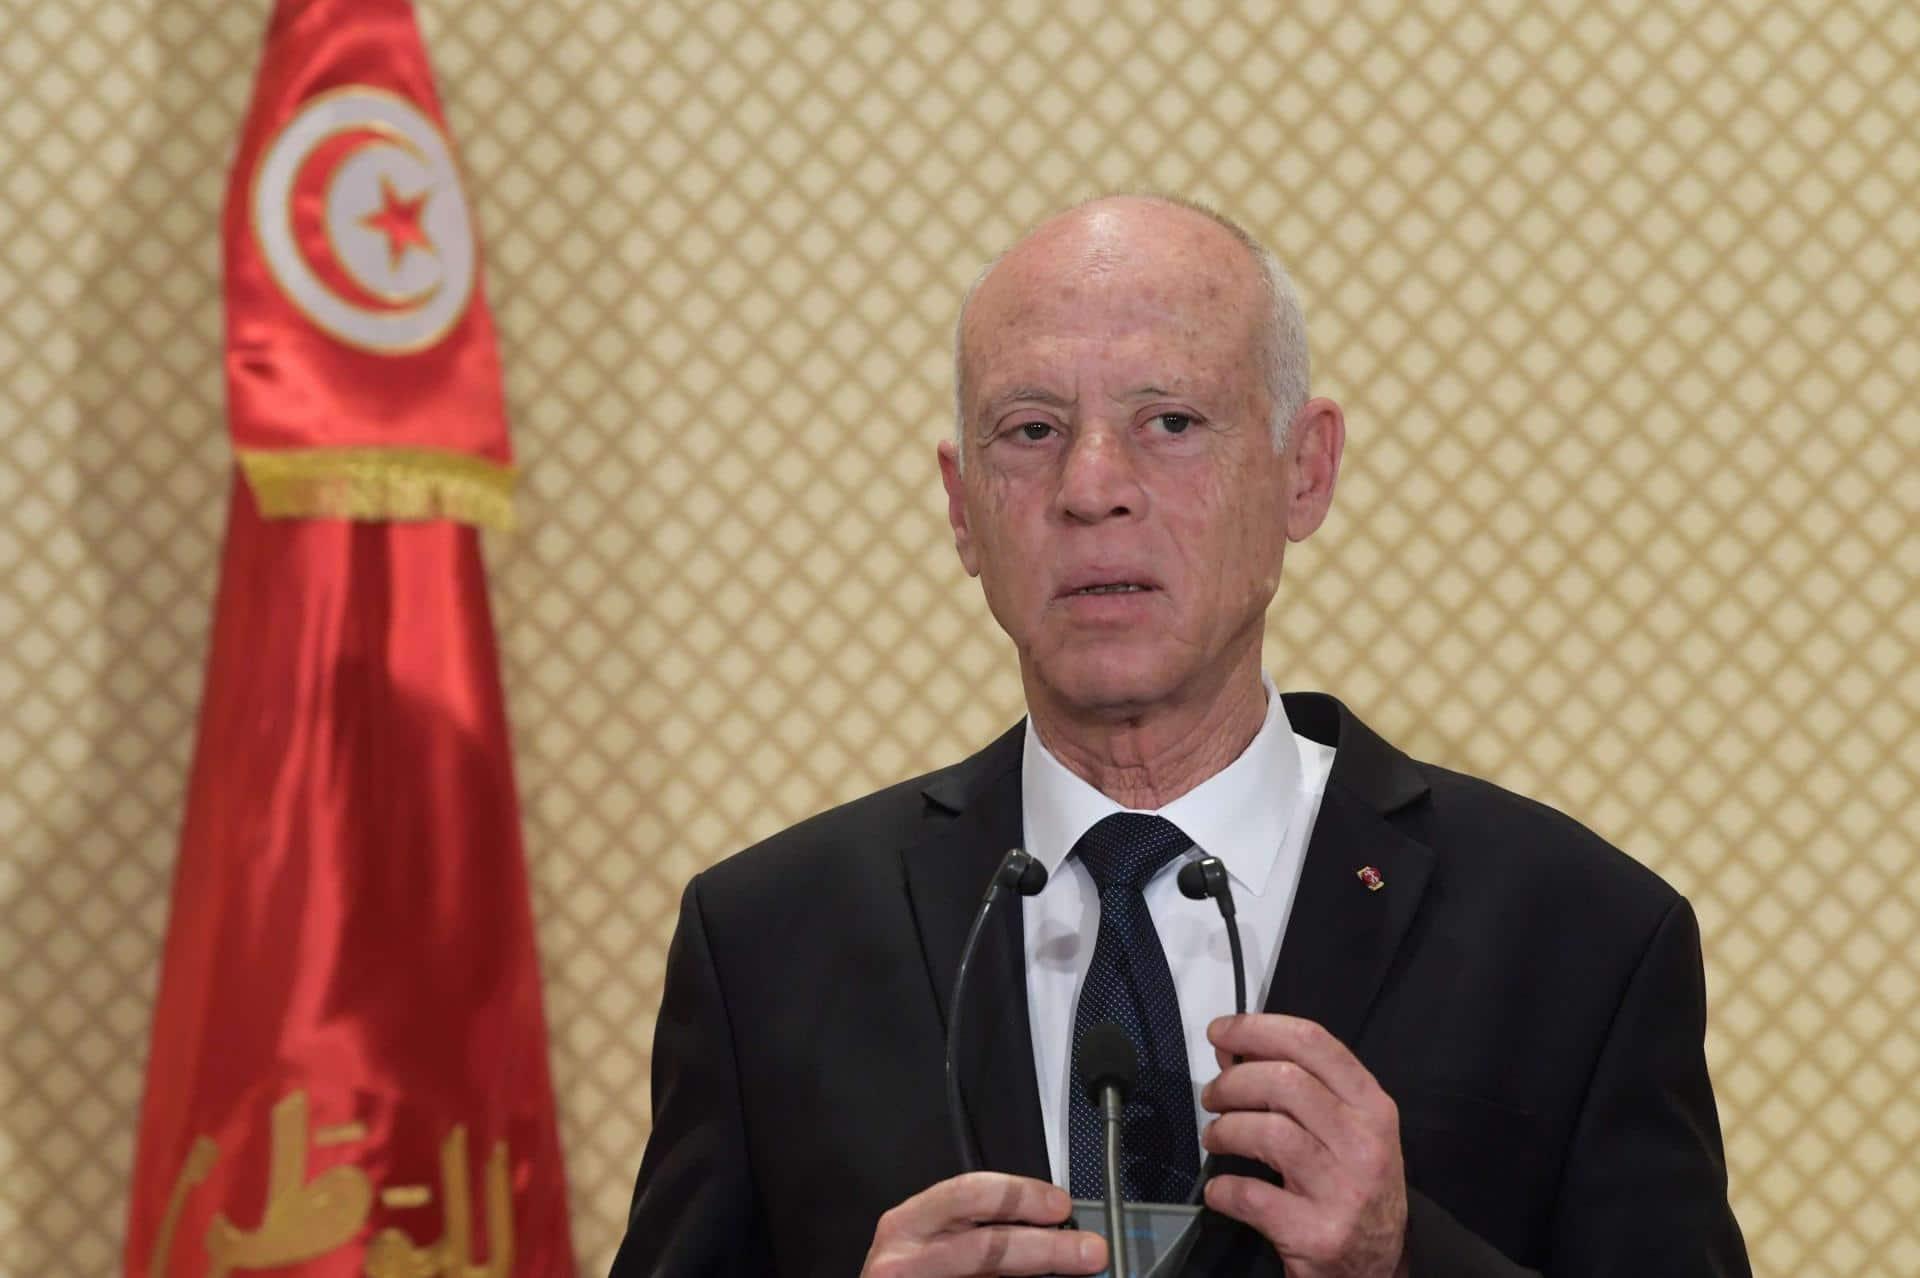 أول رد من النهضة التونسية على قرارات قيس سعيد الجديدة